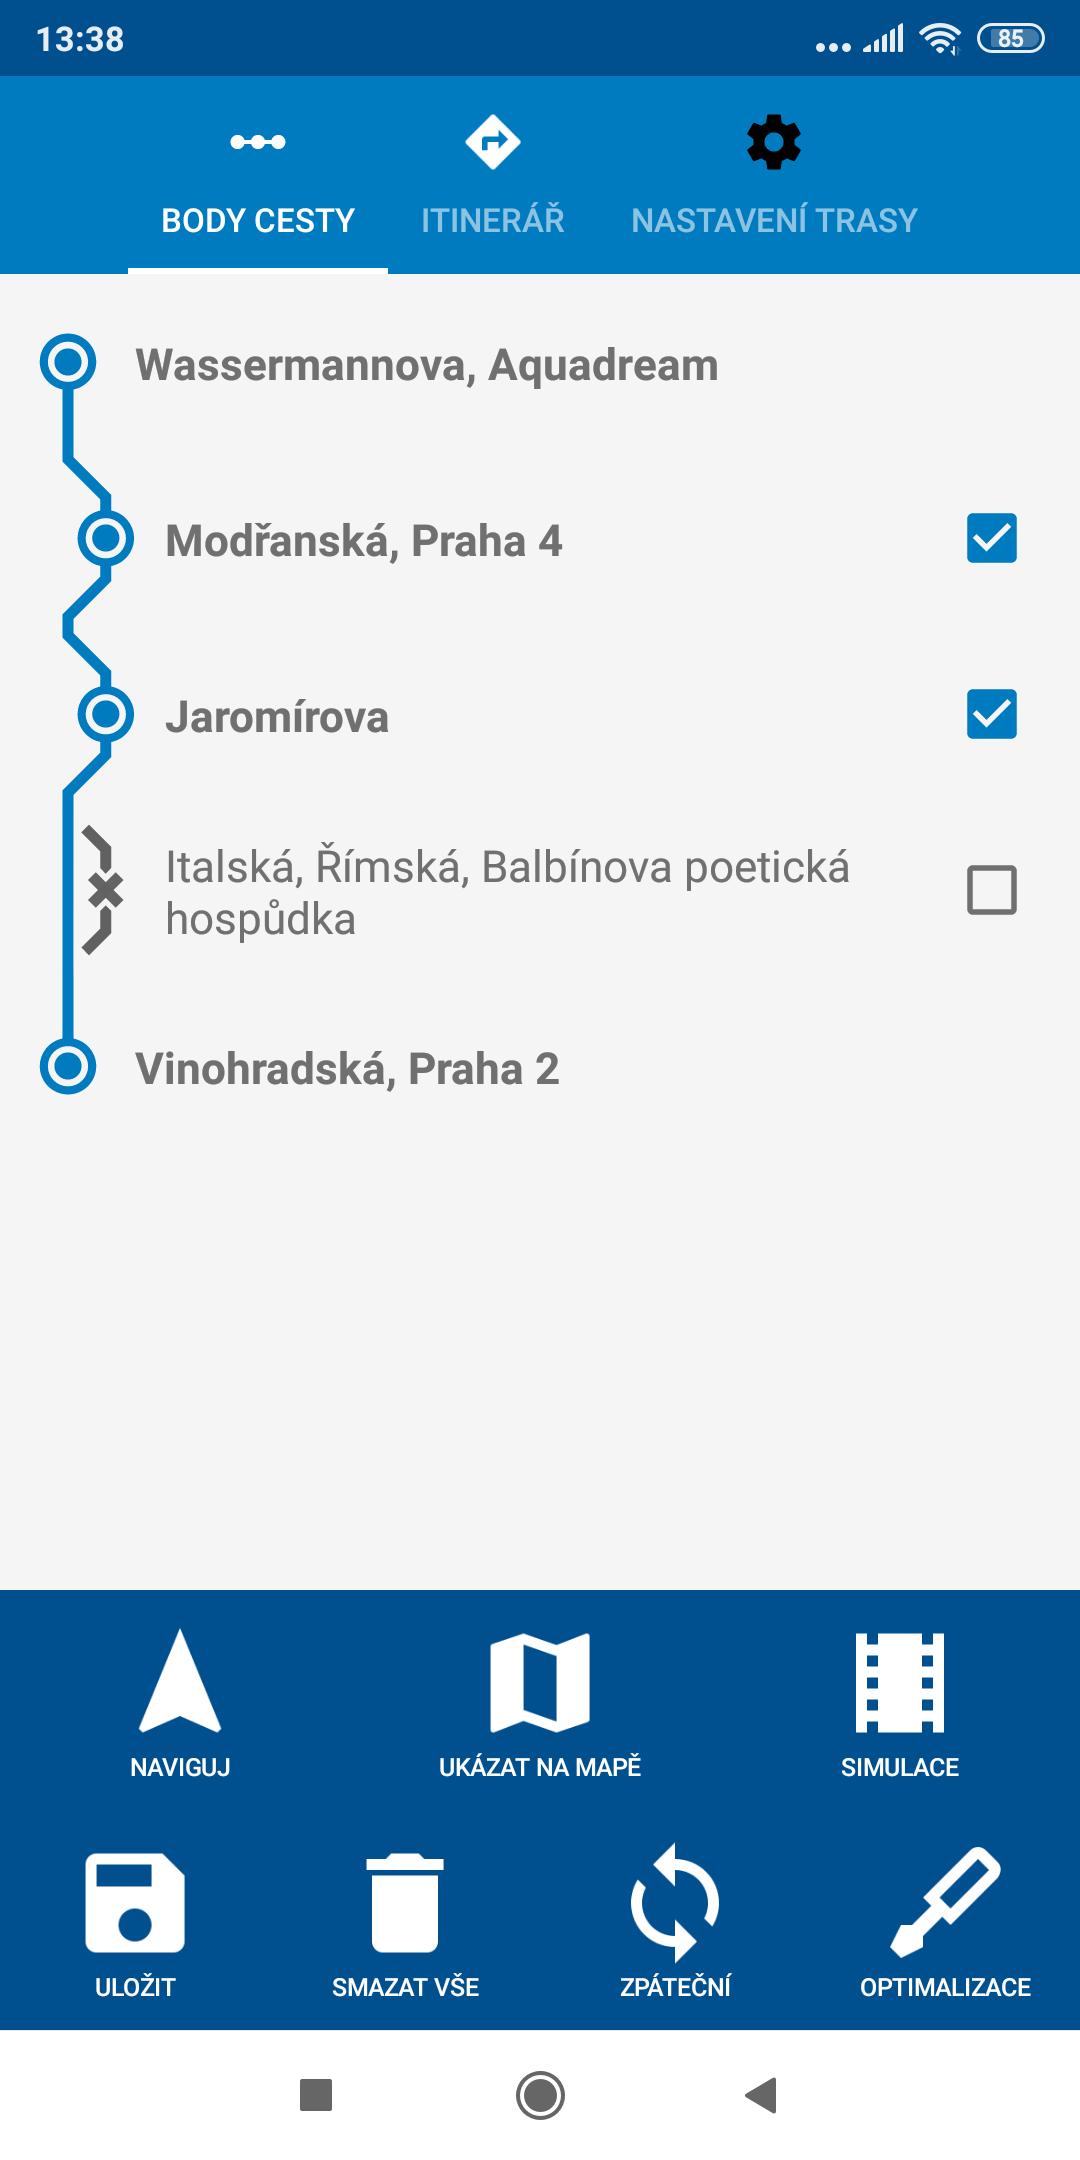 Screenshot mapFactor Navigator 5.0 - Body cesty - standardní modré téma